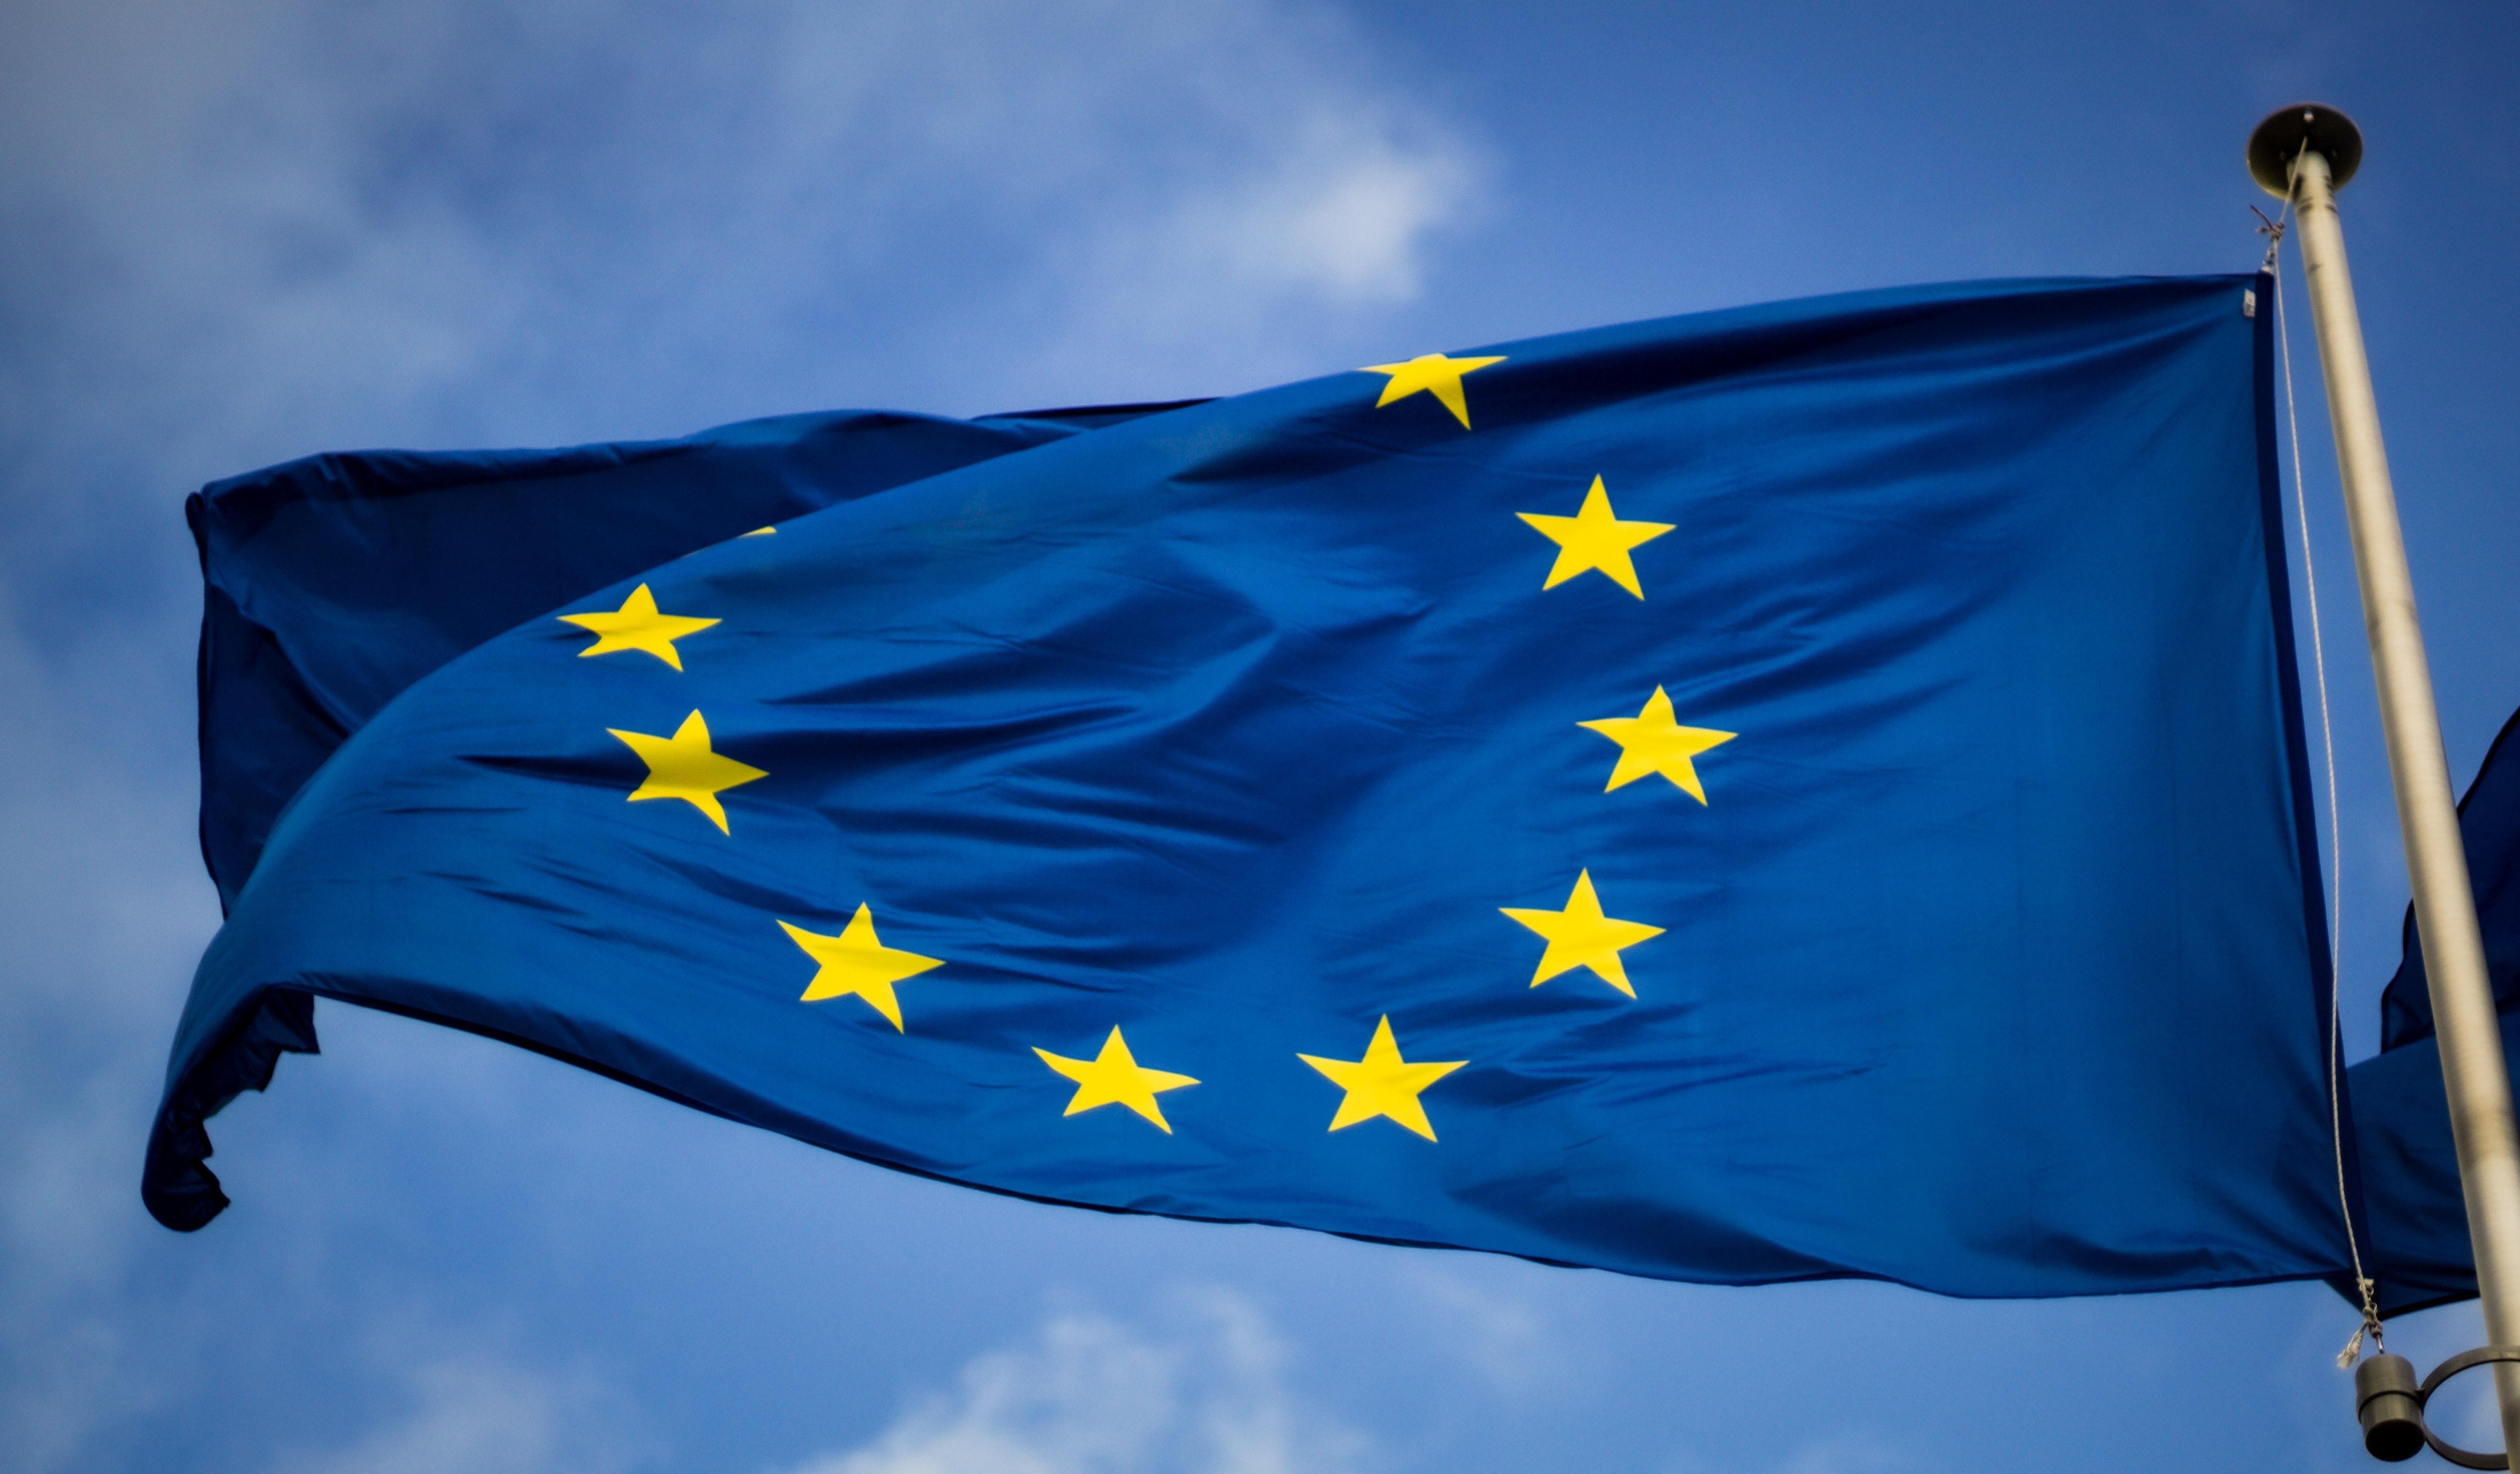 Griechenland mit seinem Wirtschaftswachstum während einer Pandemie war ein Beispiel für alle EU-Länder